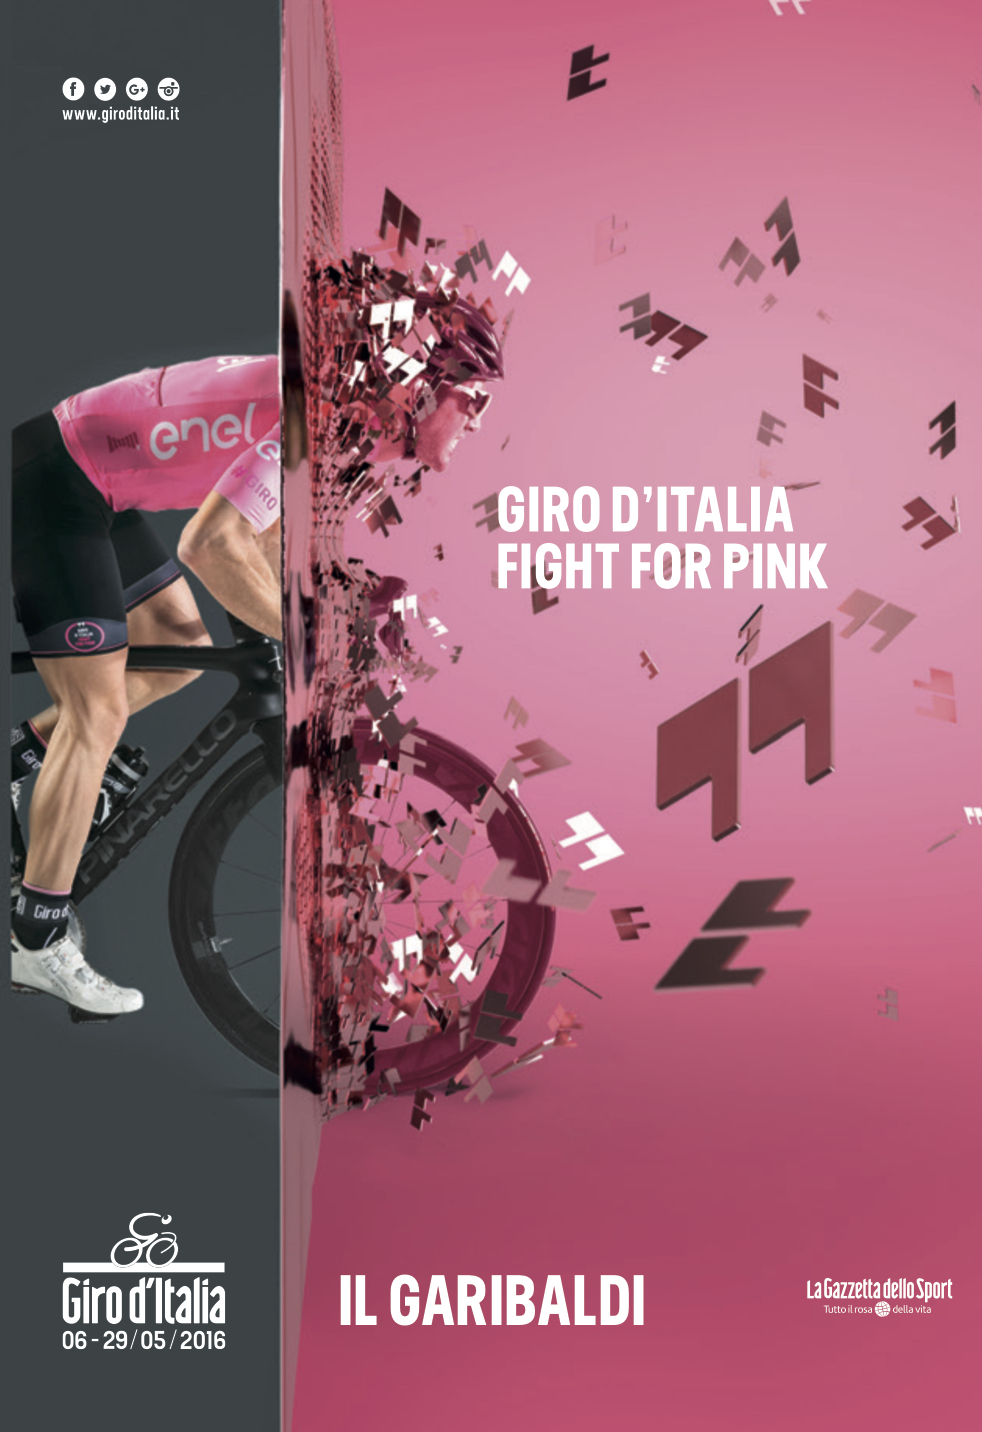 Il Garibaldi del Giro d'Italia 2016